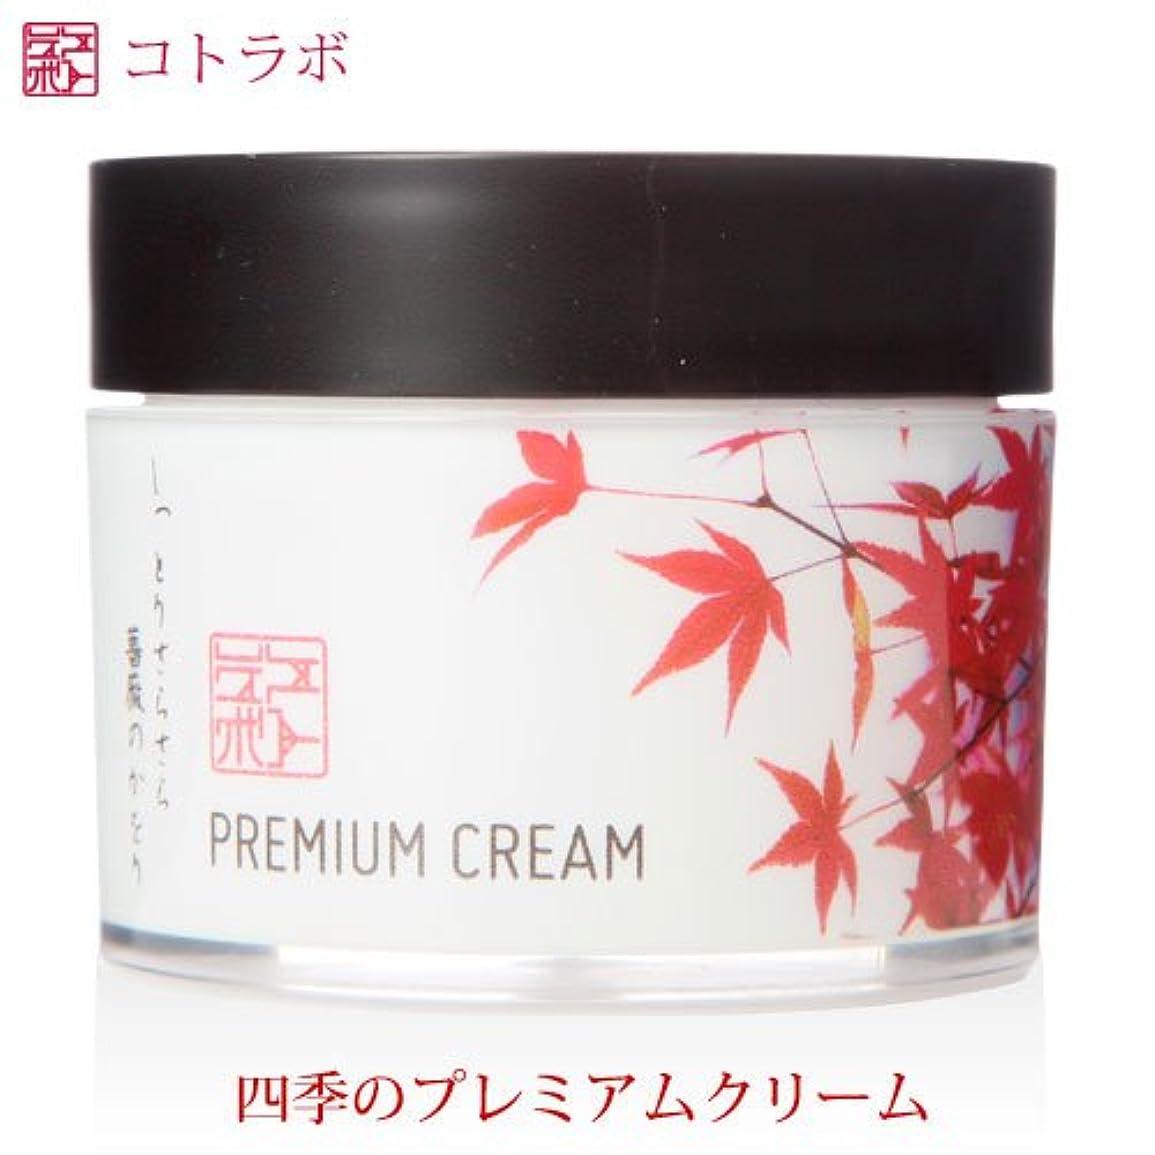 流星静けさ発行するコトラボ 四季のプレミアムクリーム秋薔薇の香り50g